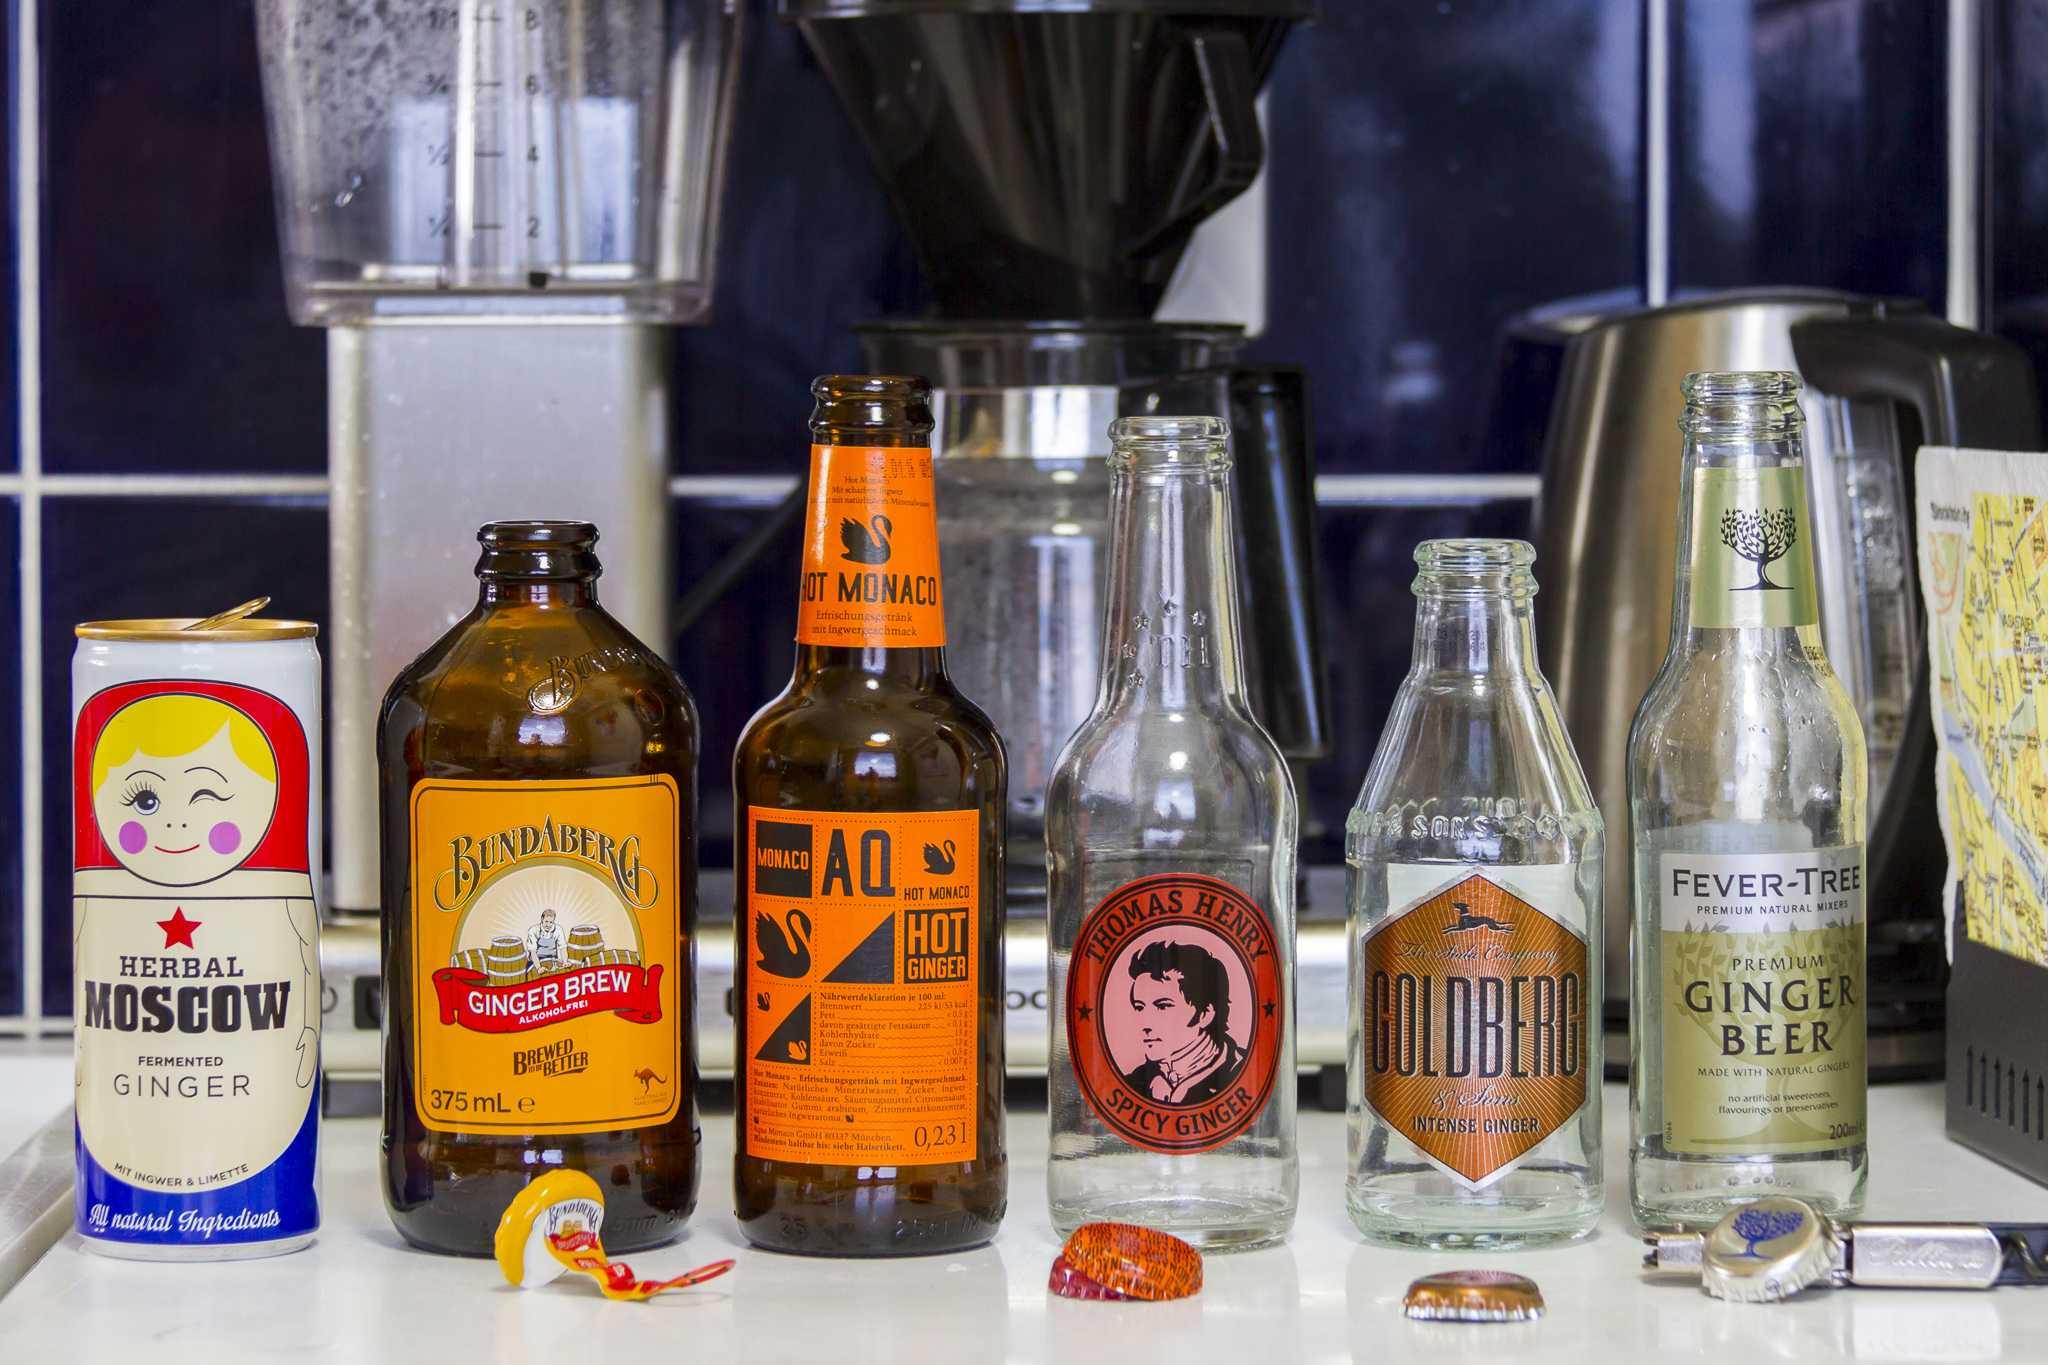 Can Kids Drink Bundaberg Ginger Beer